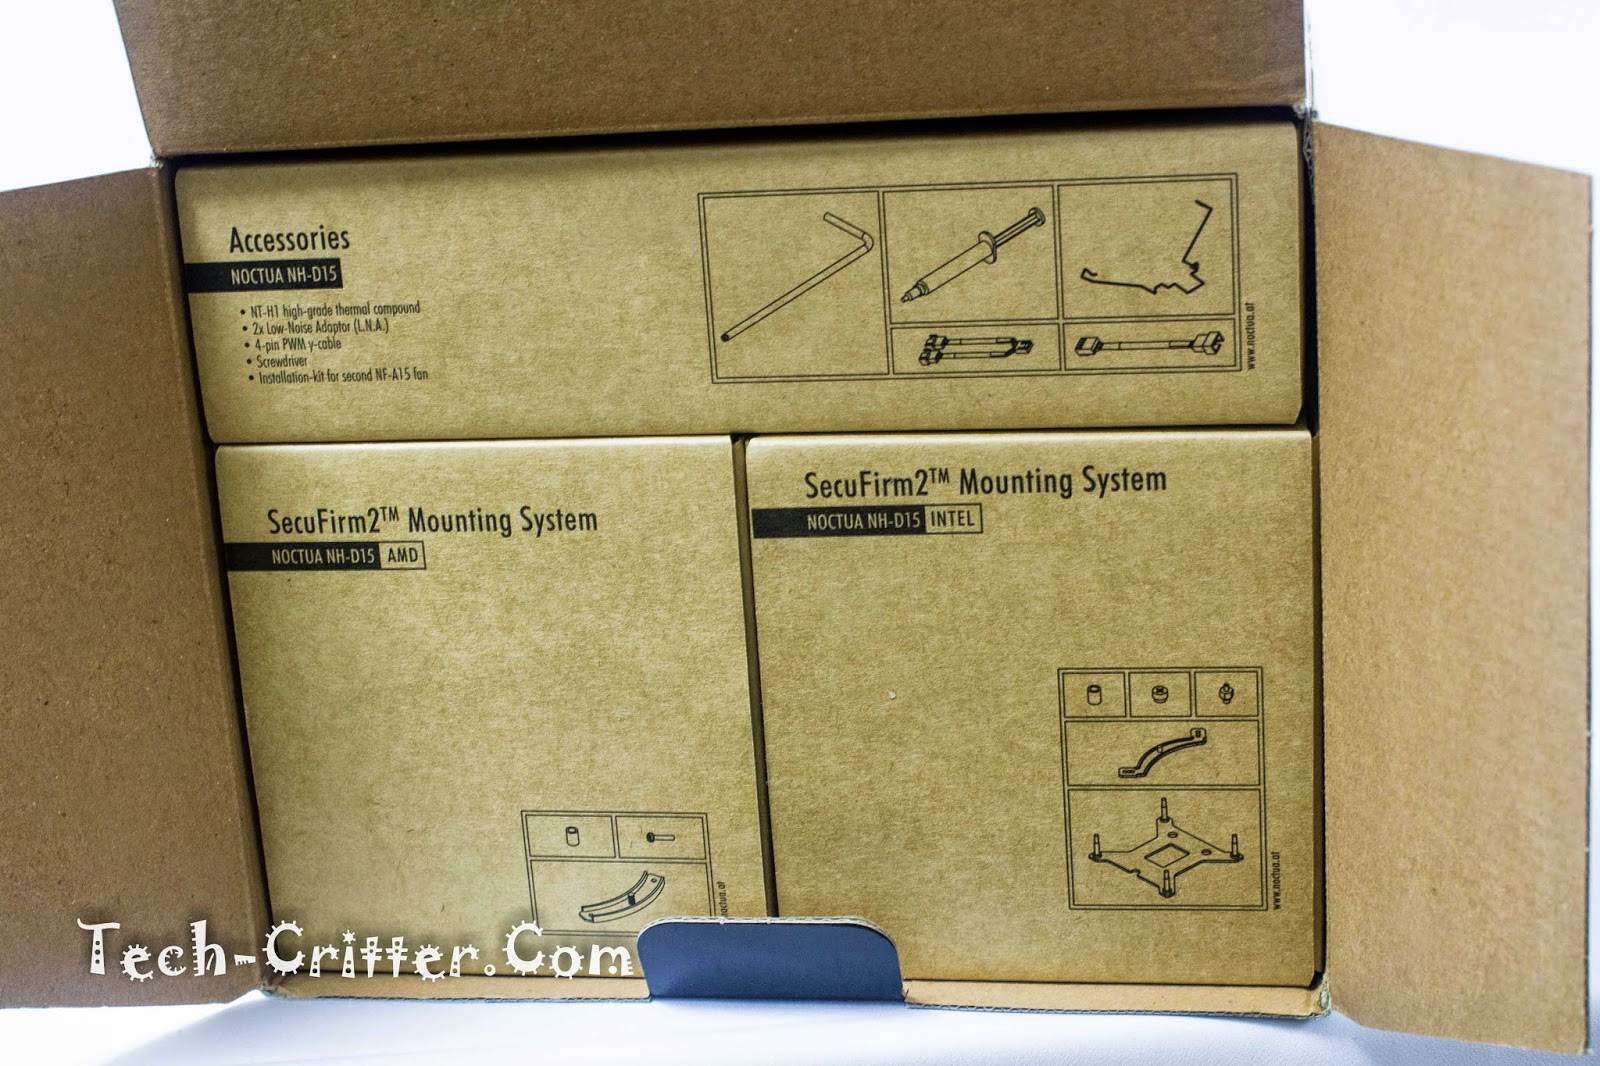 Unboxing & Review: Noctua NH-D15 89